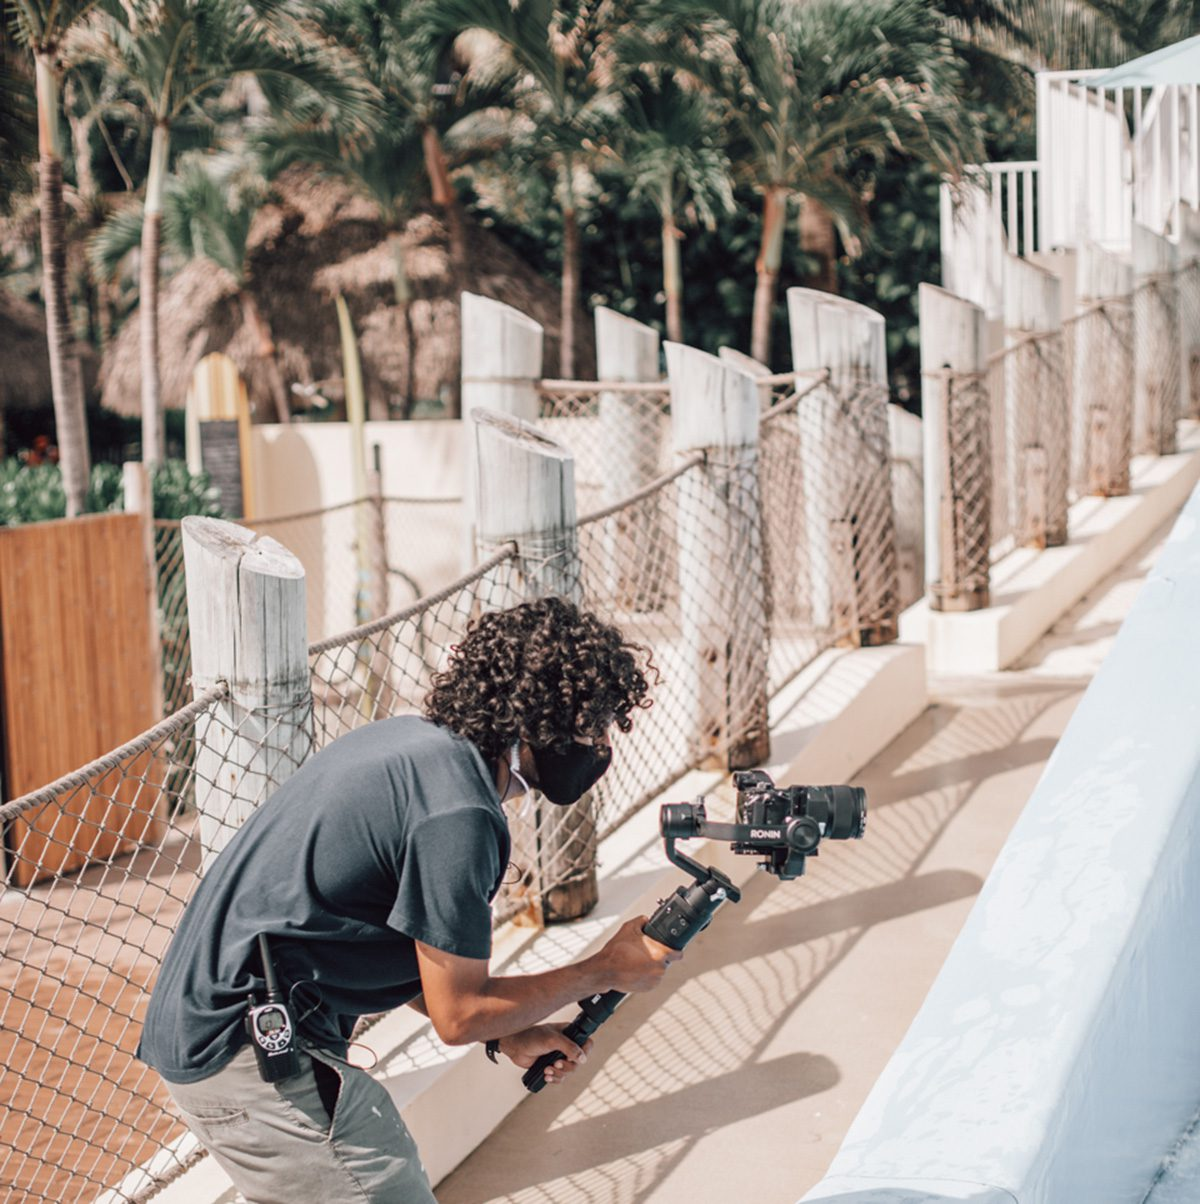 Karim Dakkon shooting handheld. Filming on set.